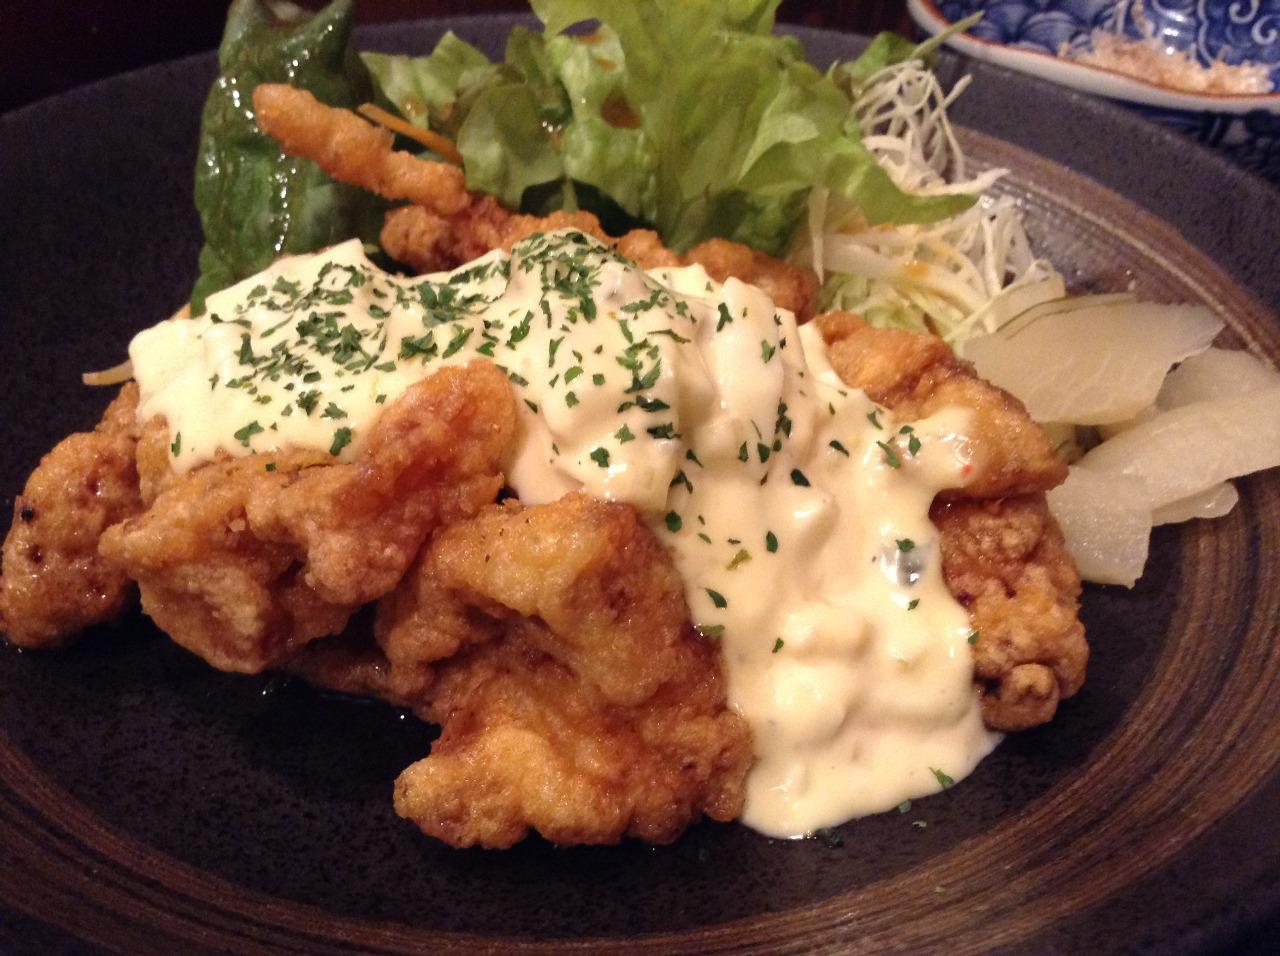 福島!で旨いランチ、あるあるいい所。今日はガッツリ食べたい♪のサムネイル画像